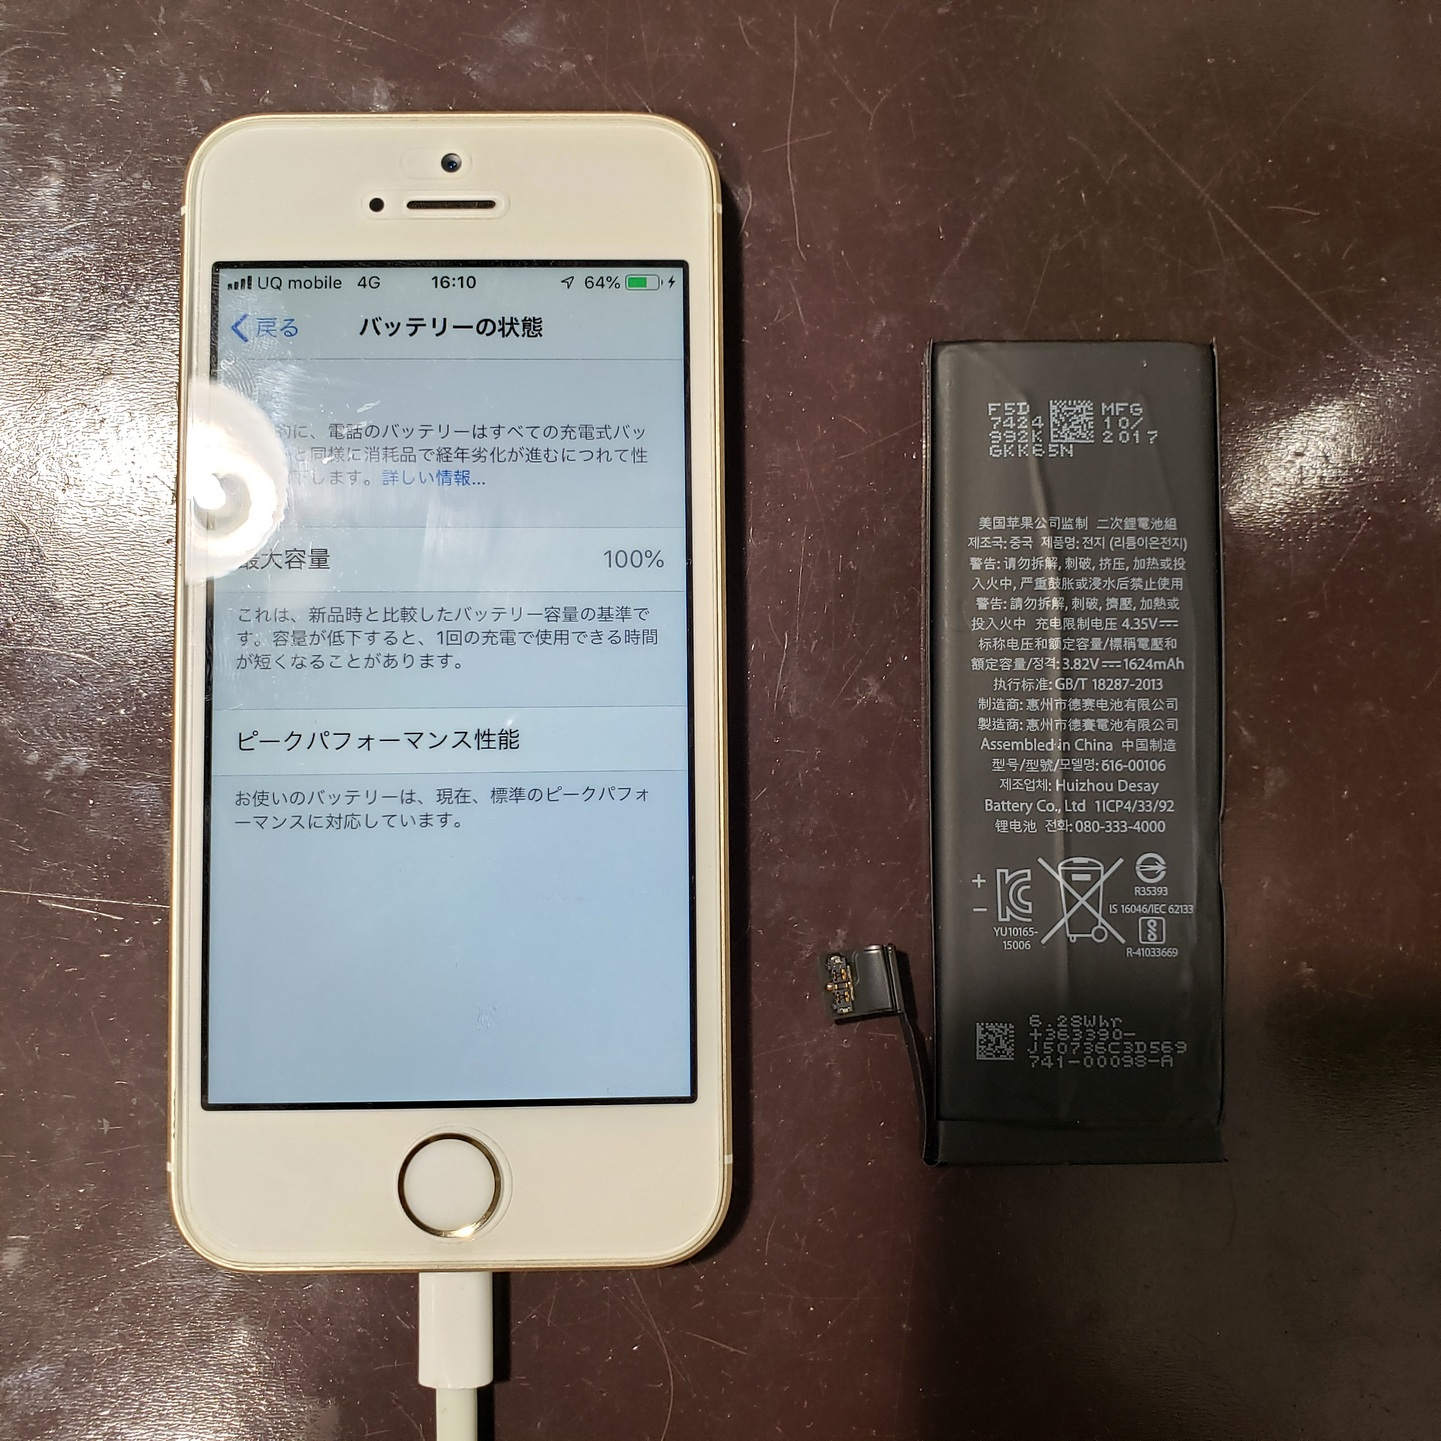 お仕事終わりでも修理可能!21時ごろまでにお越しくださいませ!iPhone7バッテリー交換【伊丹市よりお越しのお客様】☎072-767-1011